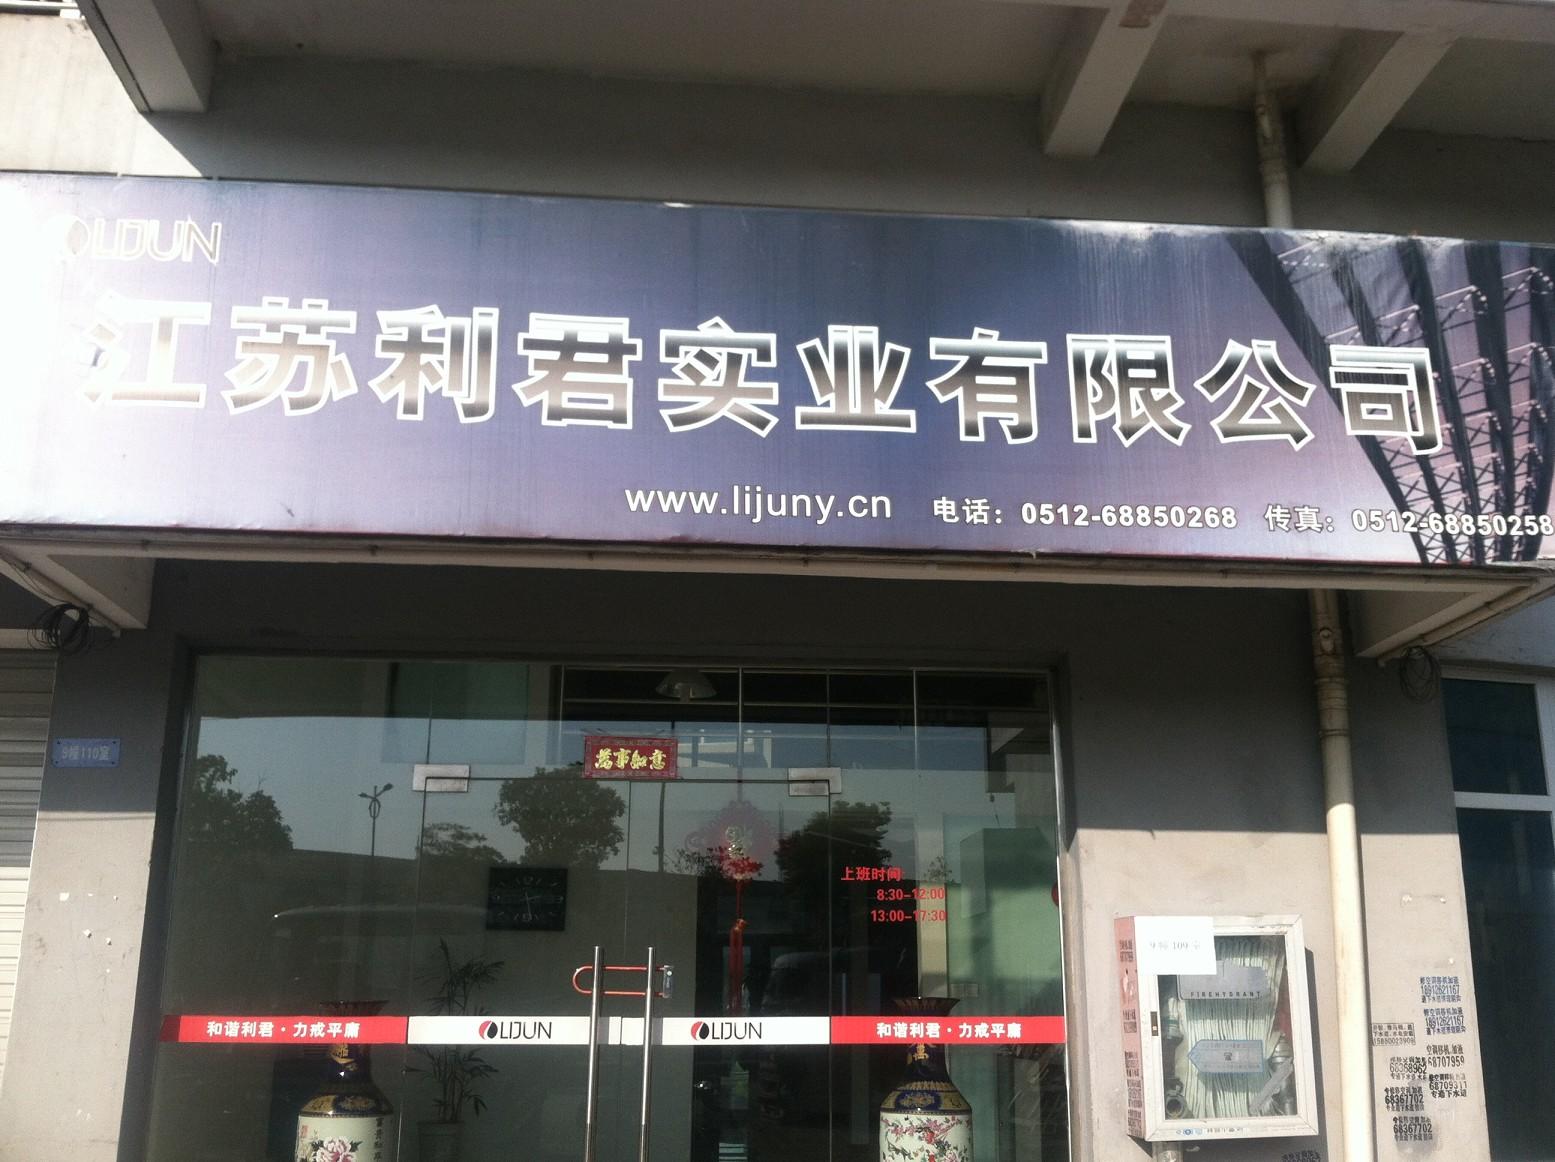 江苏利君实业亚博娱乐官方网首页